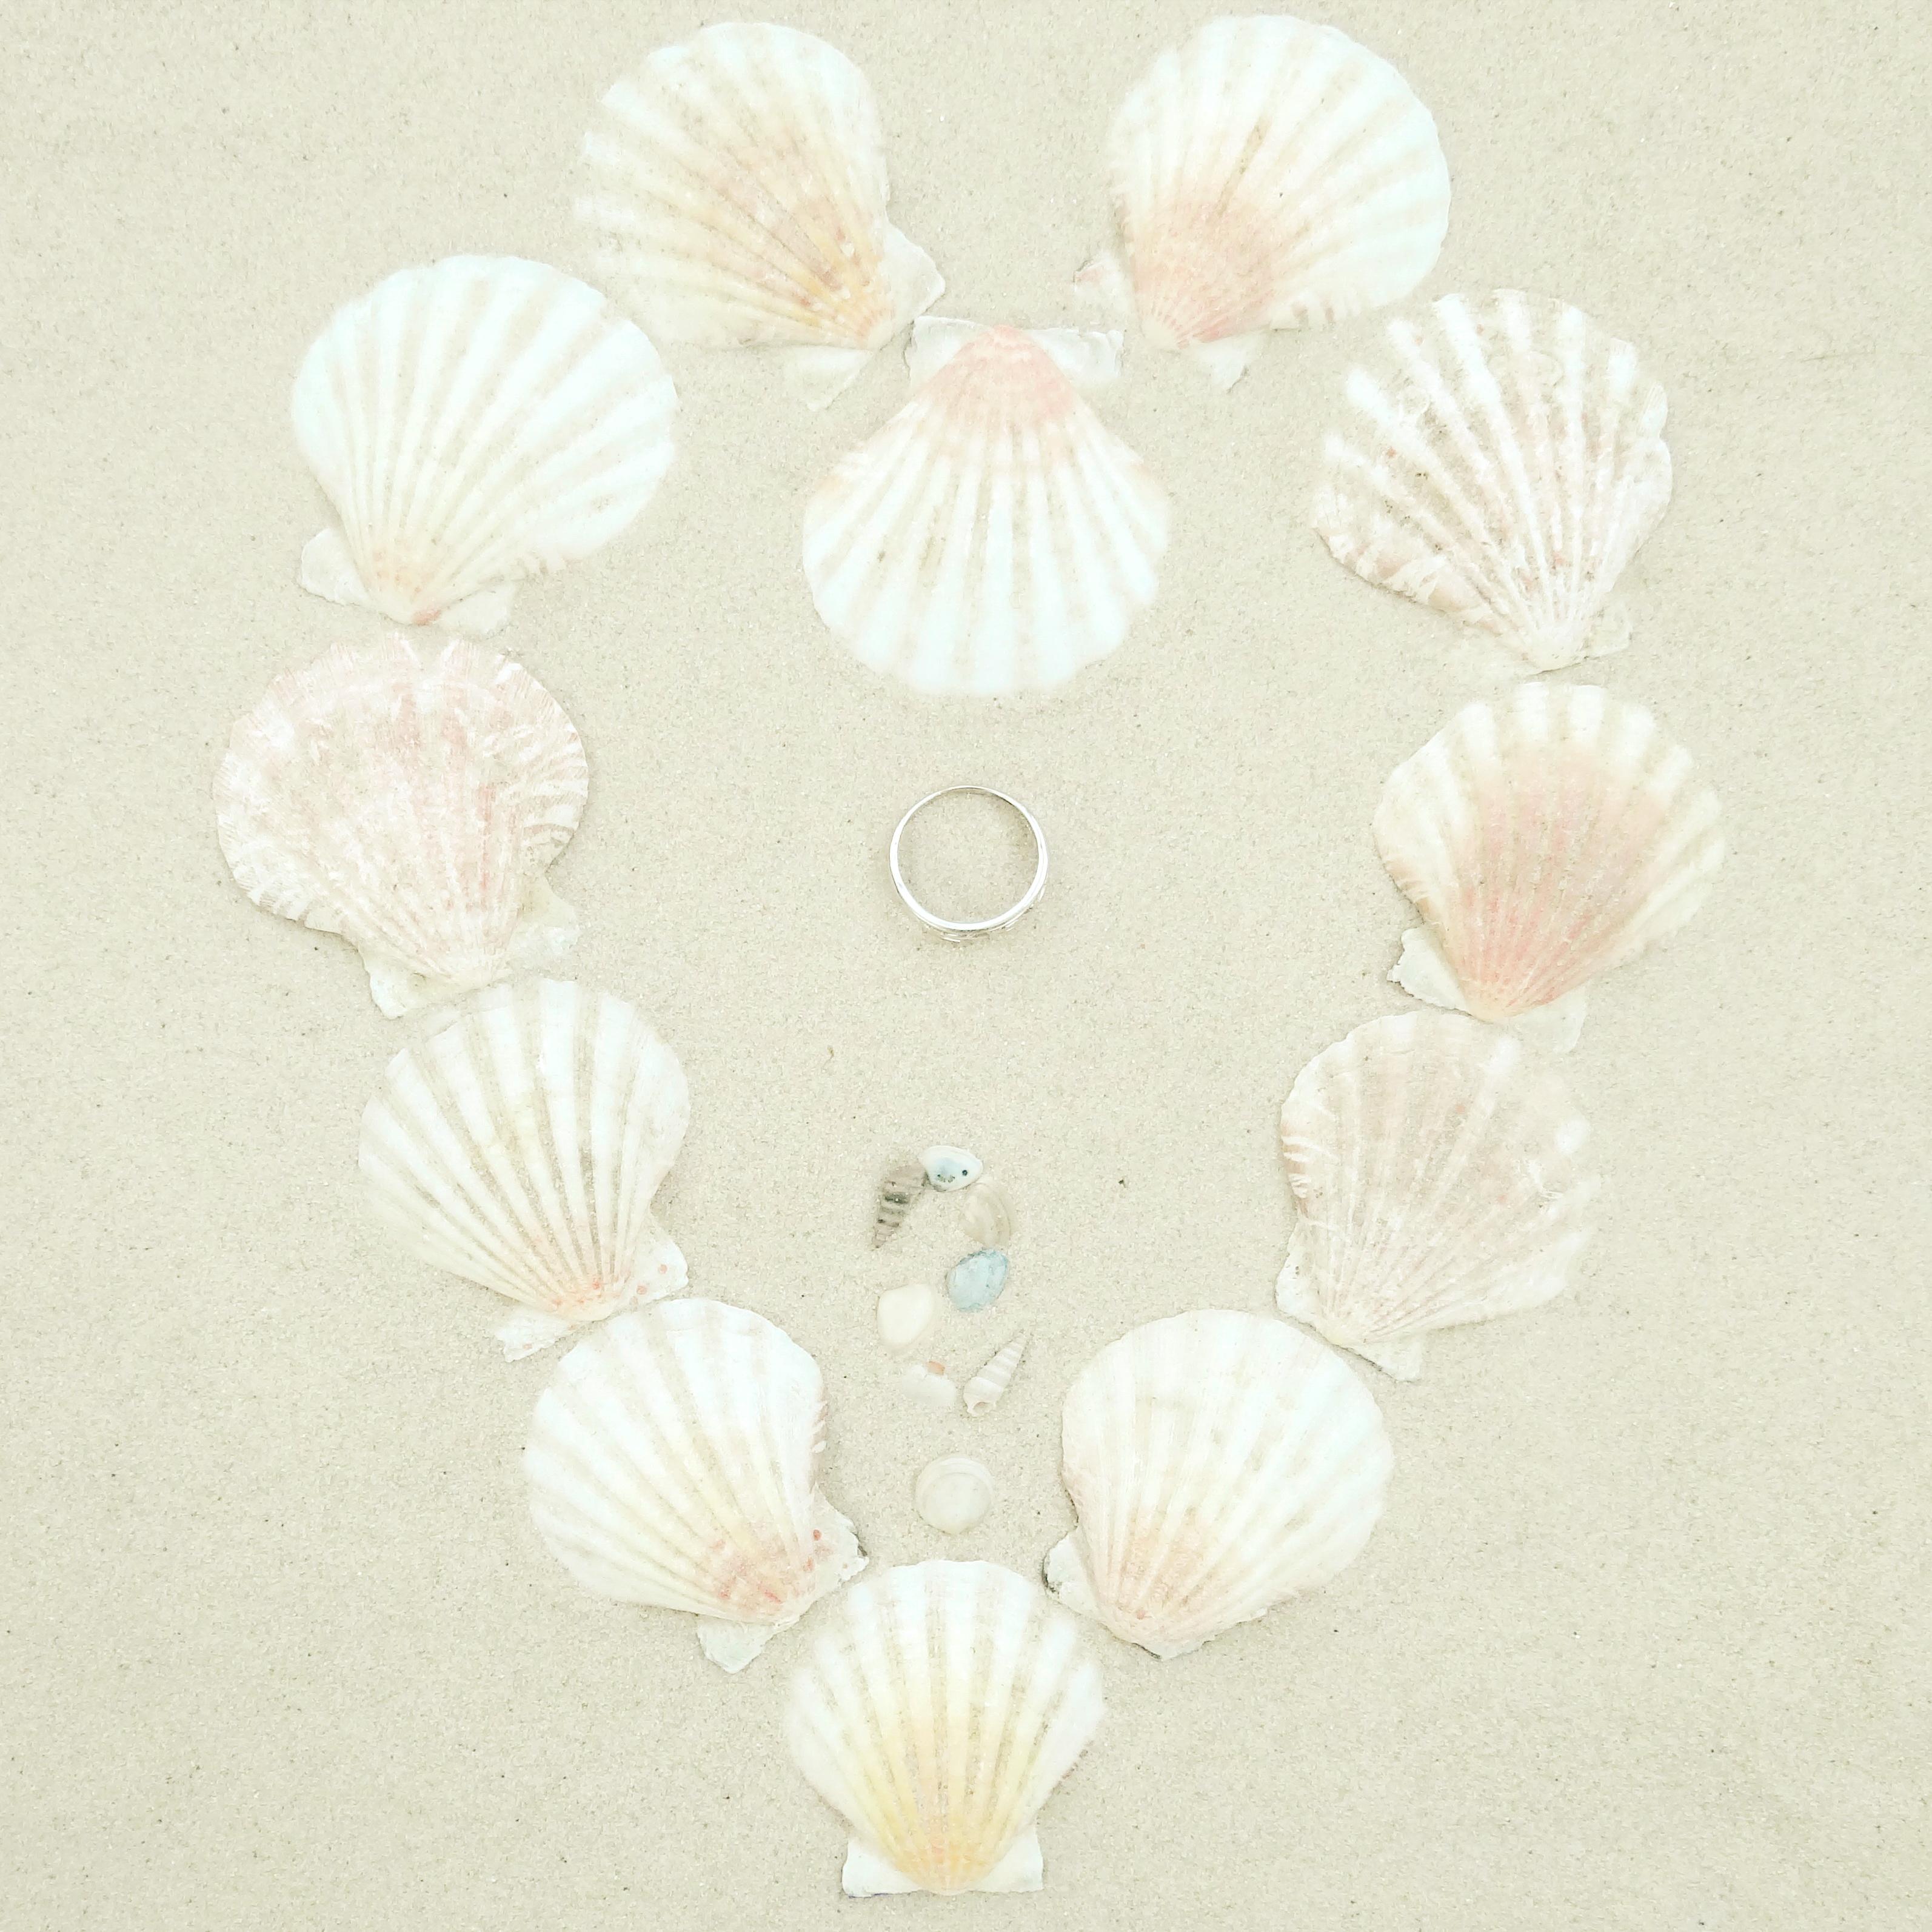 Herz aus Muscheln im Sand